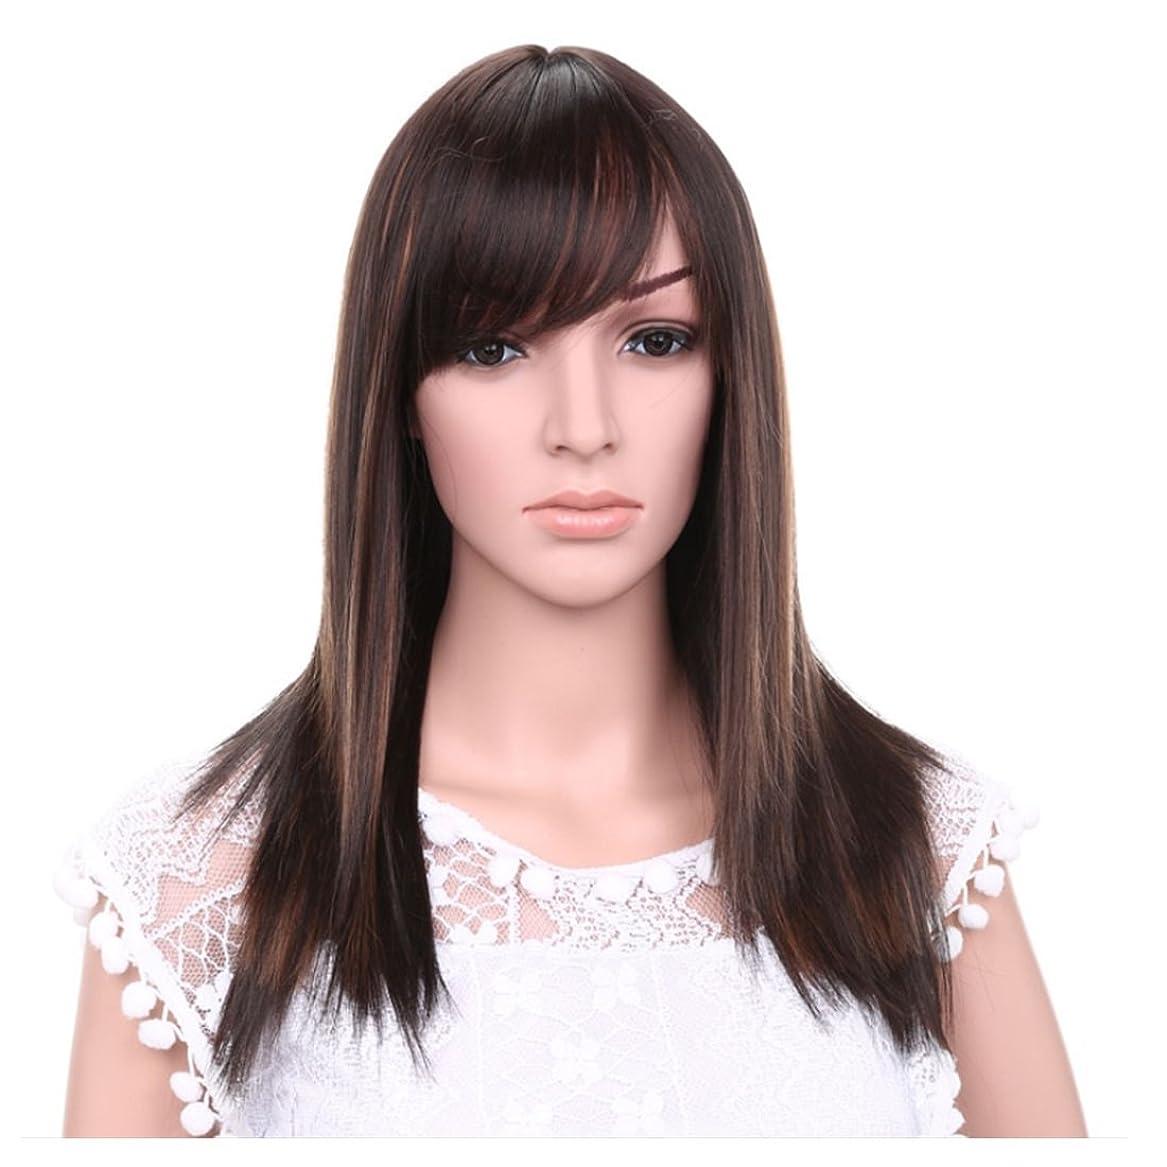 絵新聞リスDoyvanntgo 女性のための21inchロングストレートウィッグ髪の自然な色茶色の黒のかつらの斜め強打女性のための髪の耐熱性 (Color : Brownish black highlight)